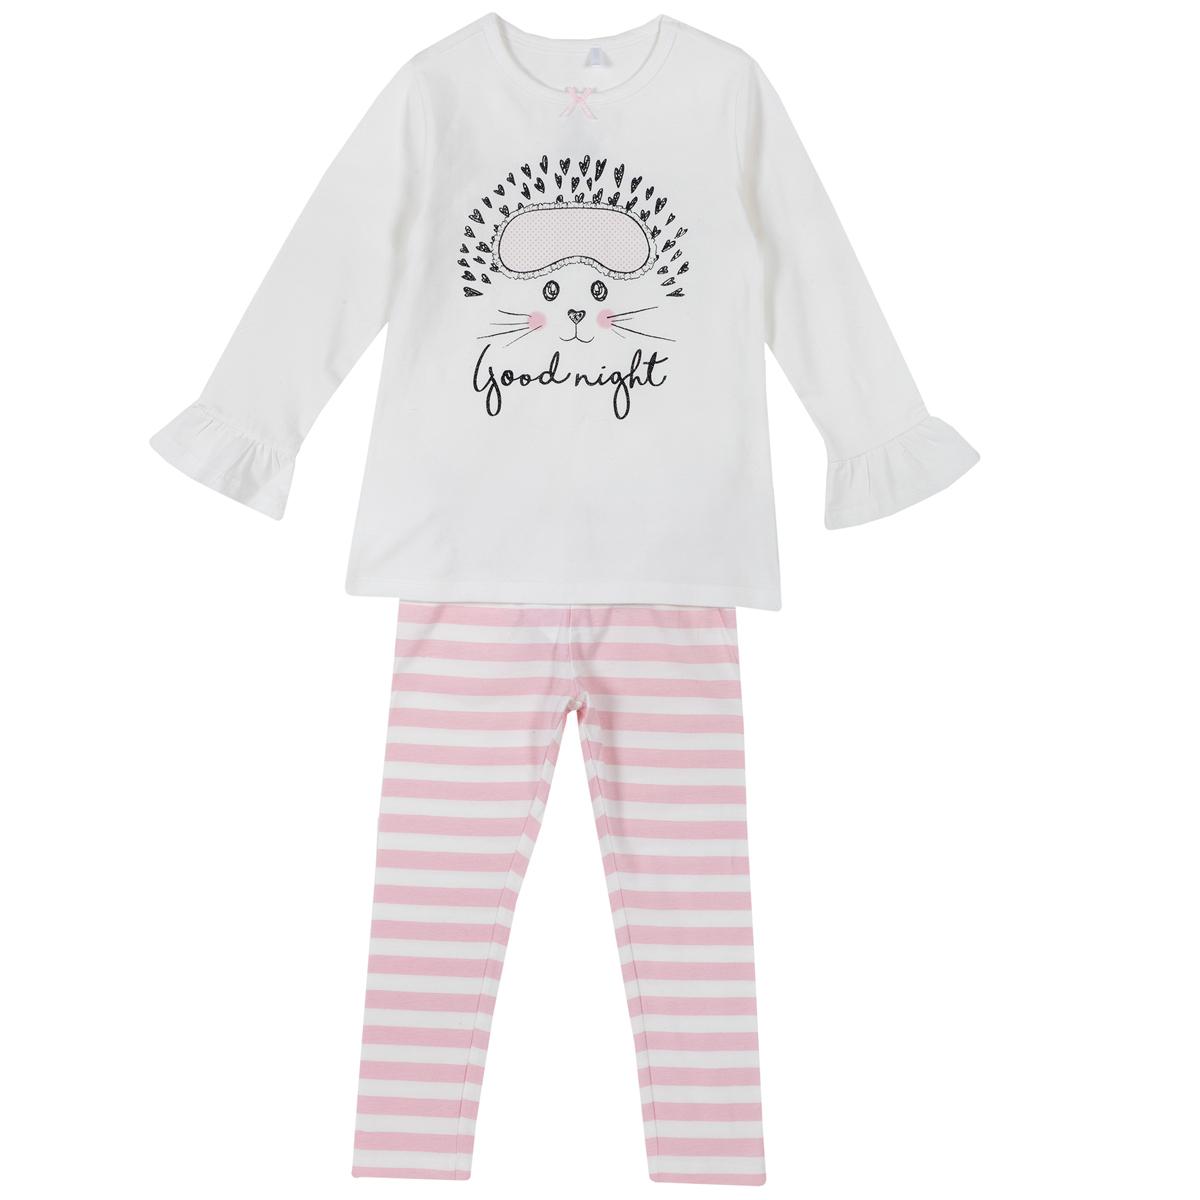 Pijama copii Chicco, maneca lunga, alb cu roz, 31269